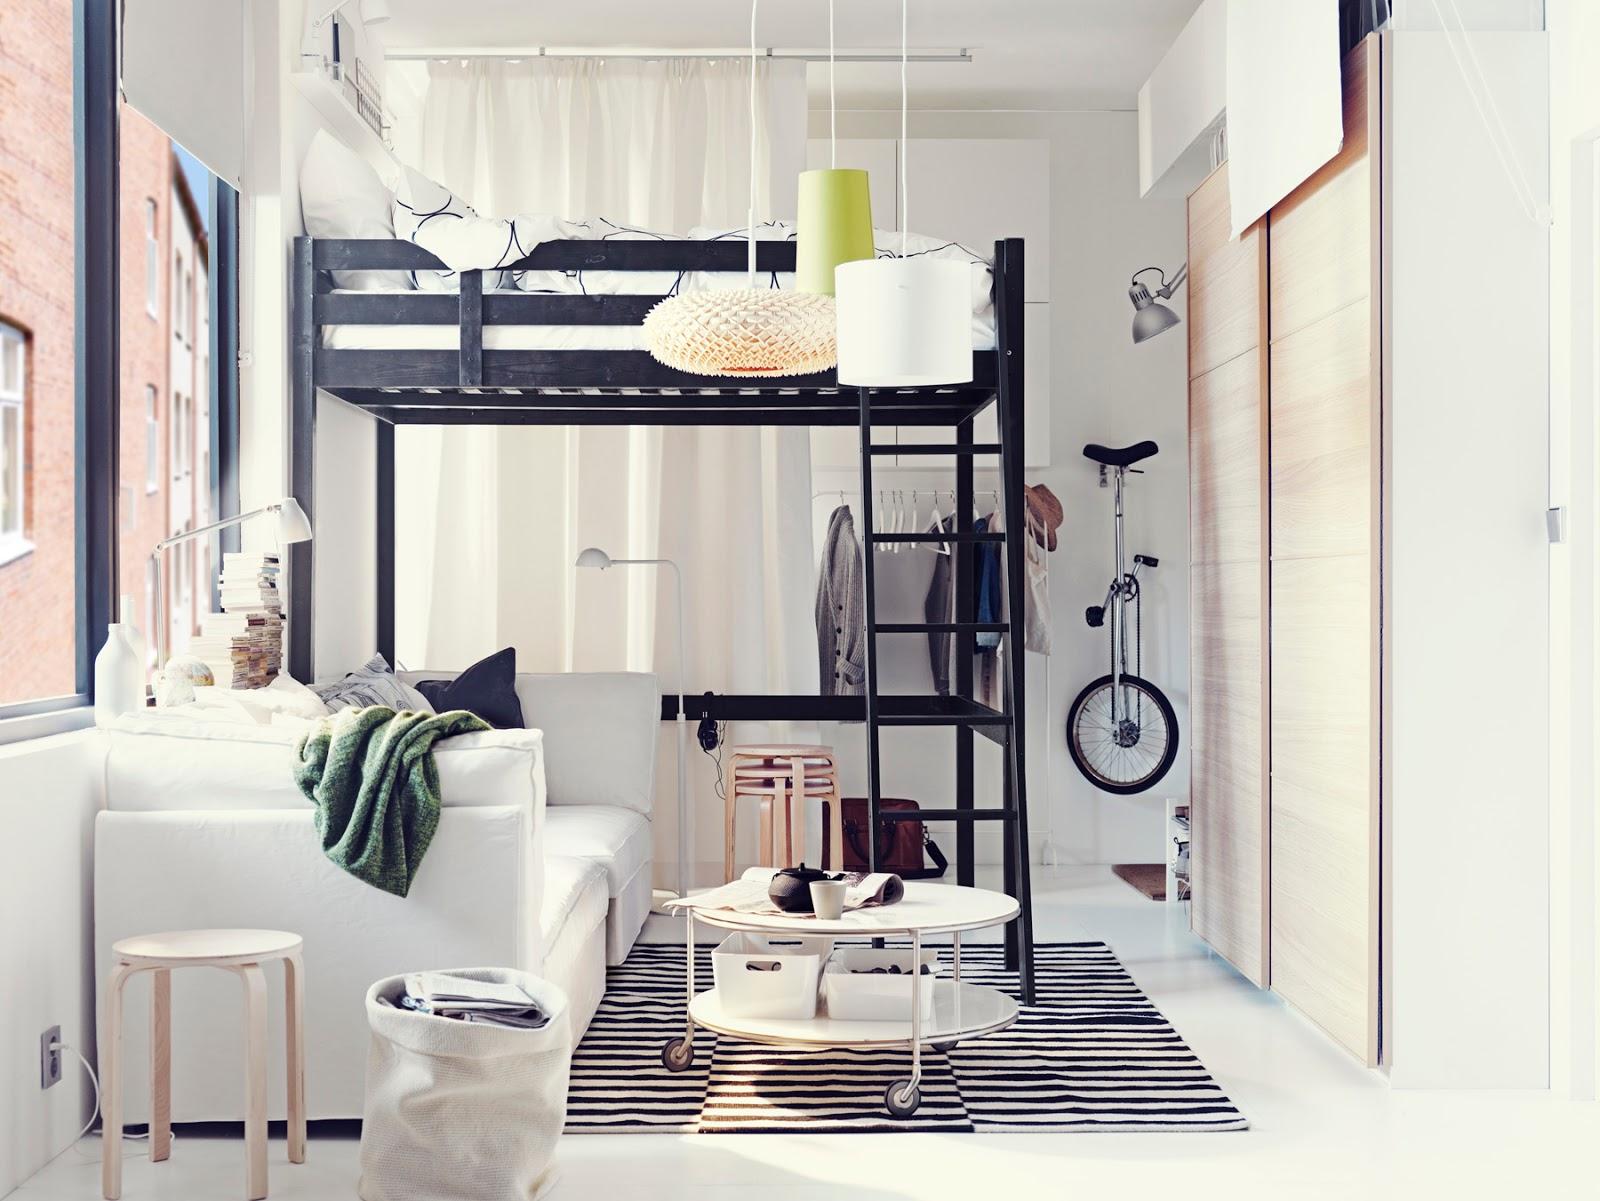 Dormitorios juveniles para espacio peque o dormitorios - Dormitorio pequeno juvenil ...